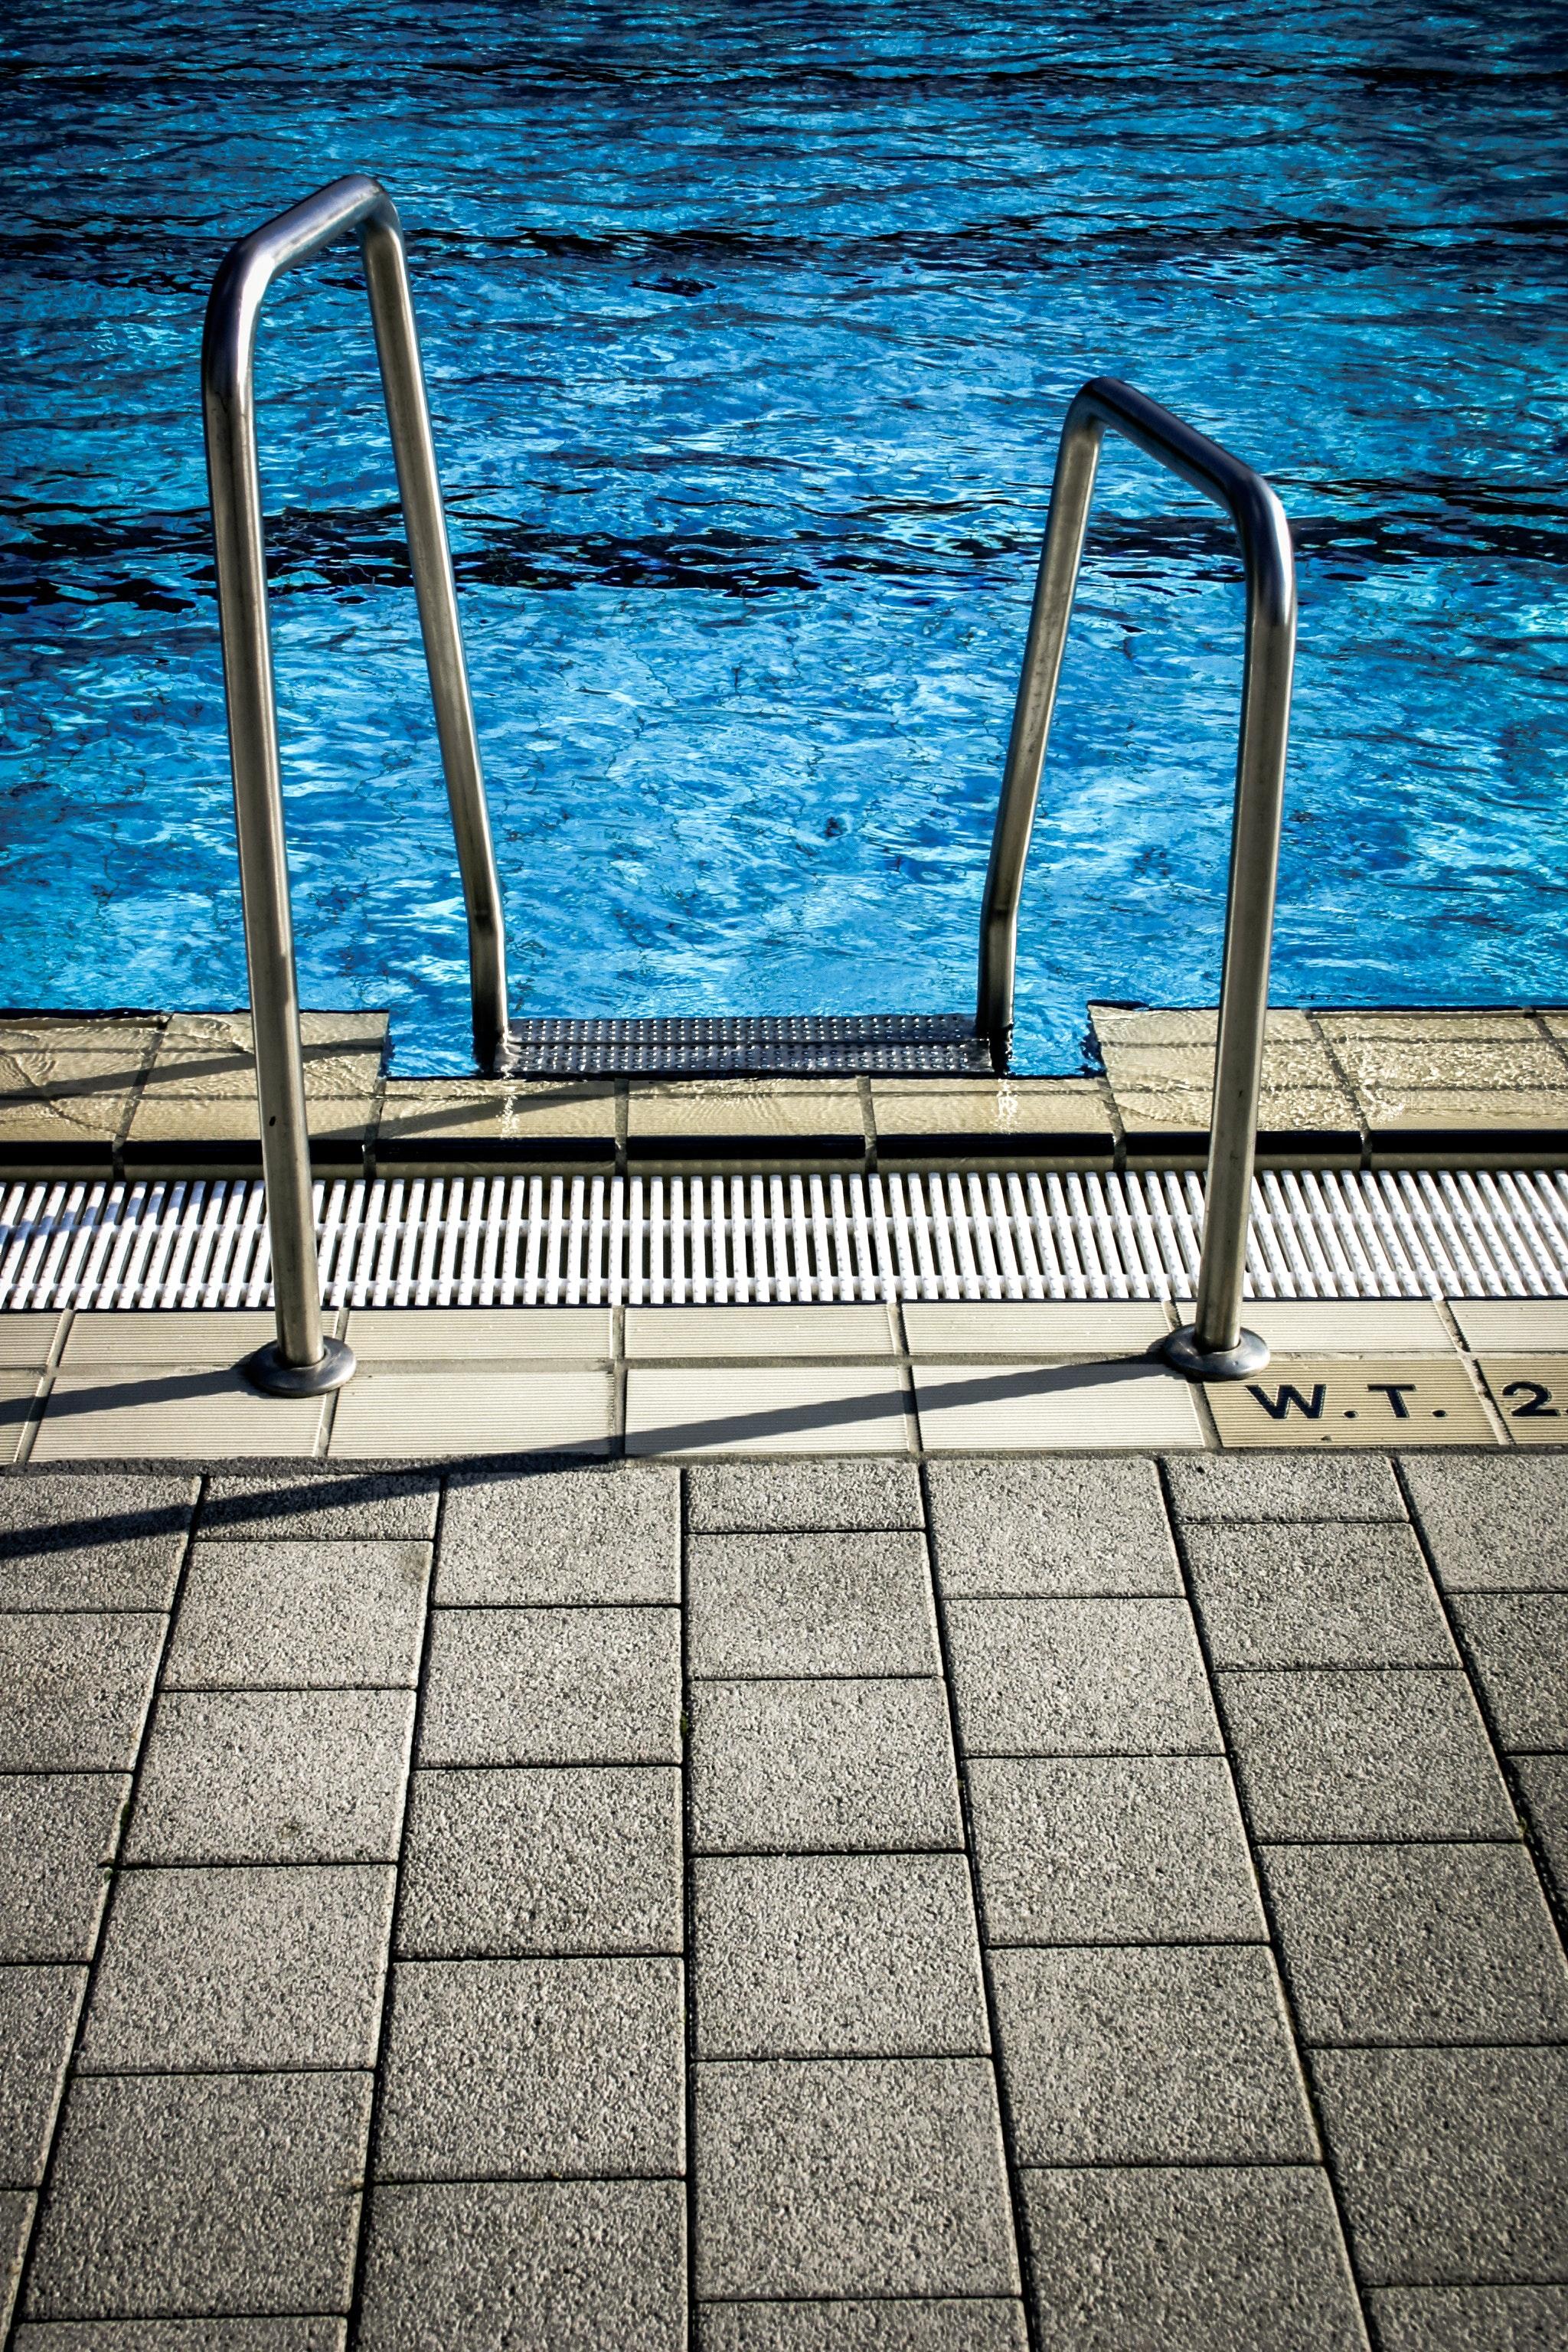 blue-water-empty-pattern-97047.jpg